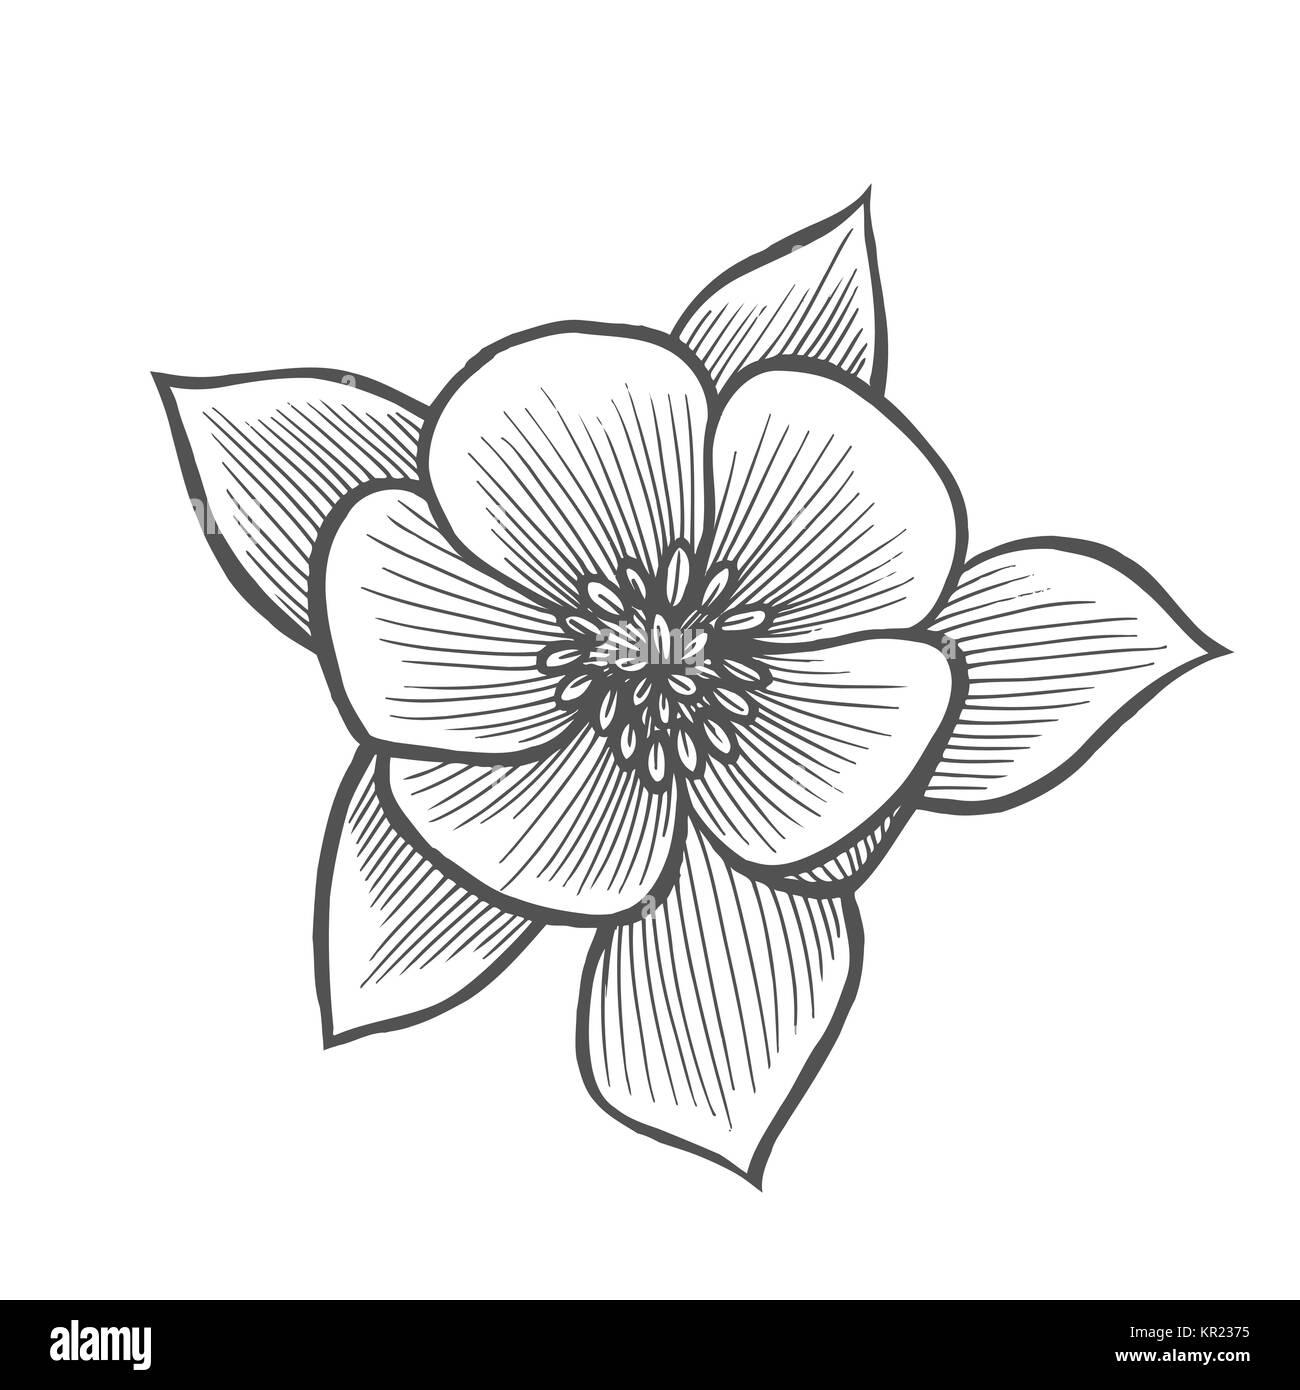 Sakura Blume Illustration Linienmuster. Vektorgrafiken. Malbuch ...